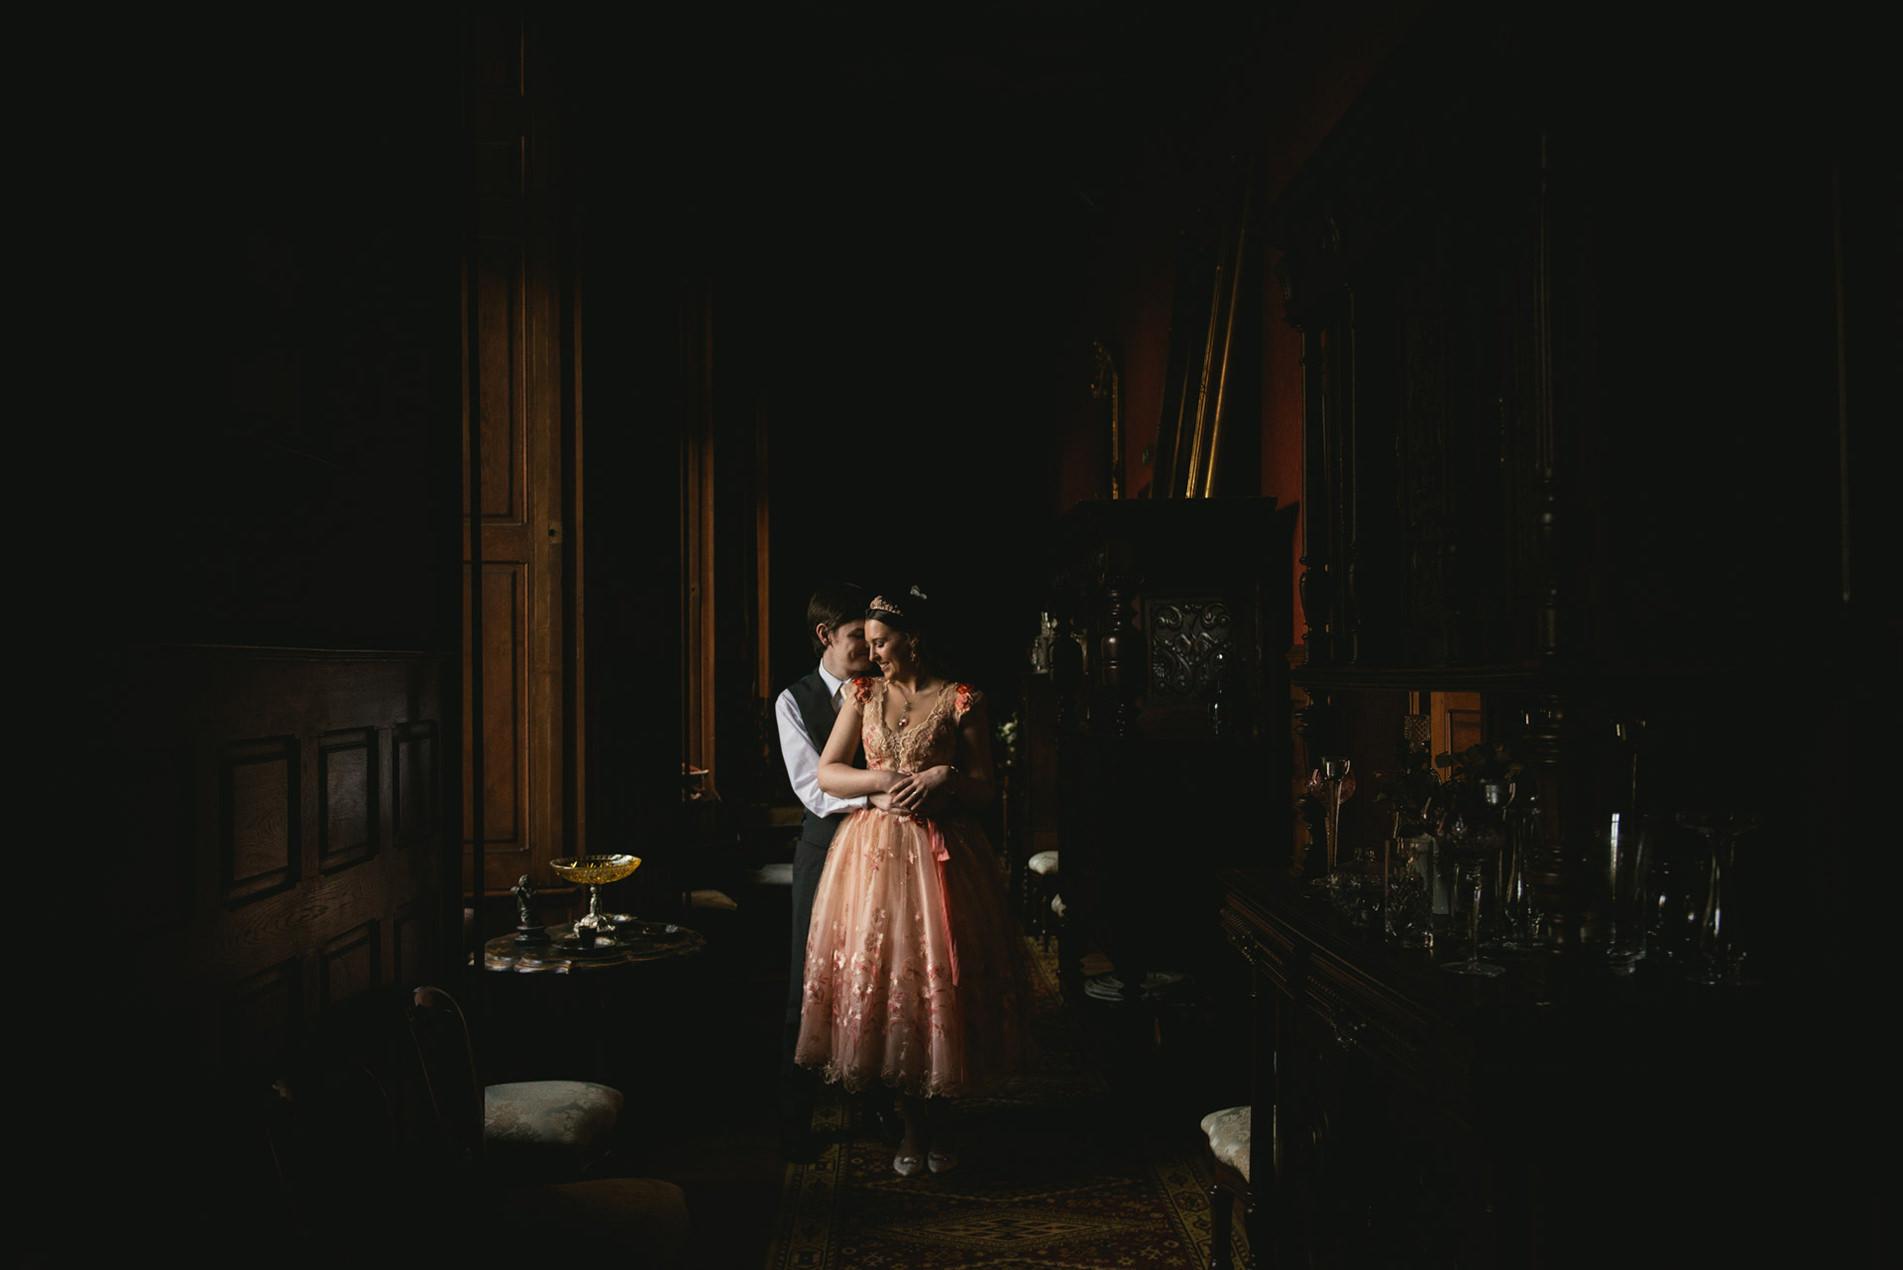 wedding chateau vaux le vicomte / zéphyr et luna